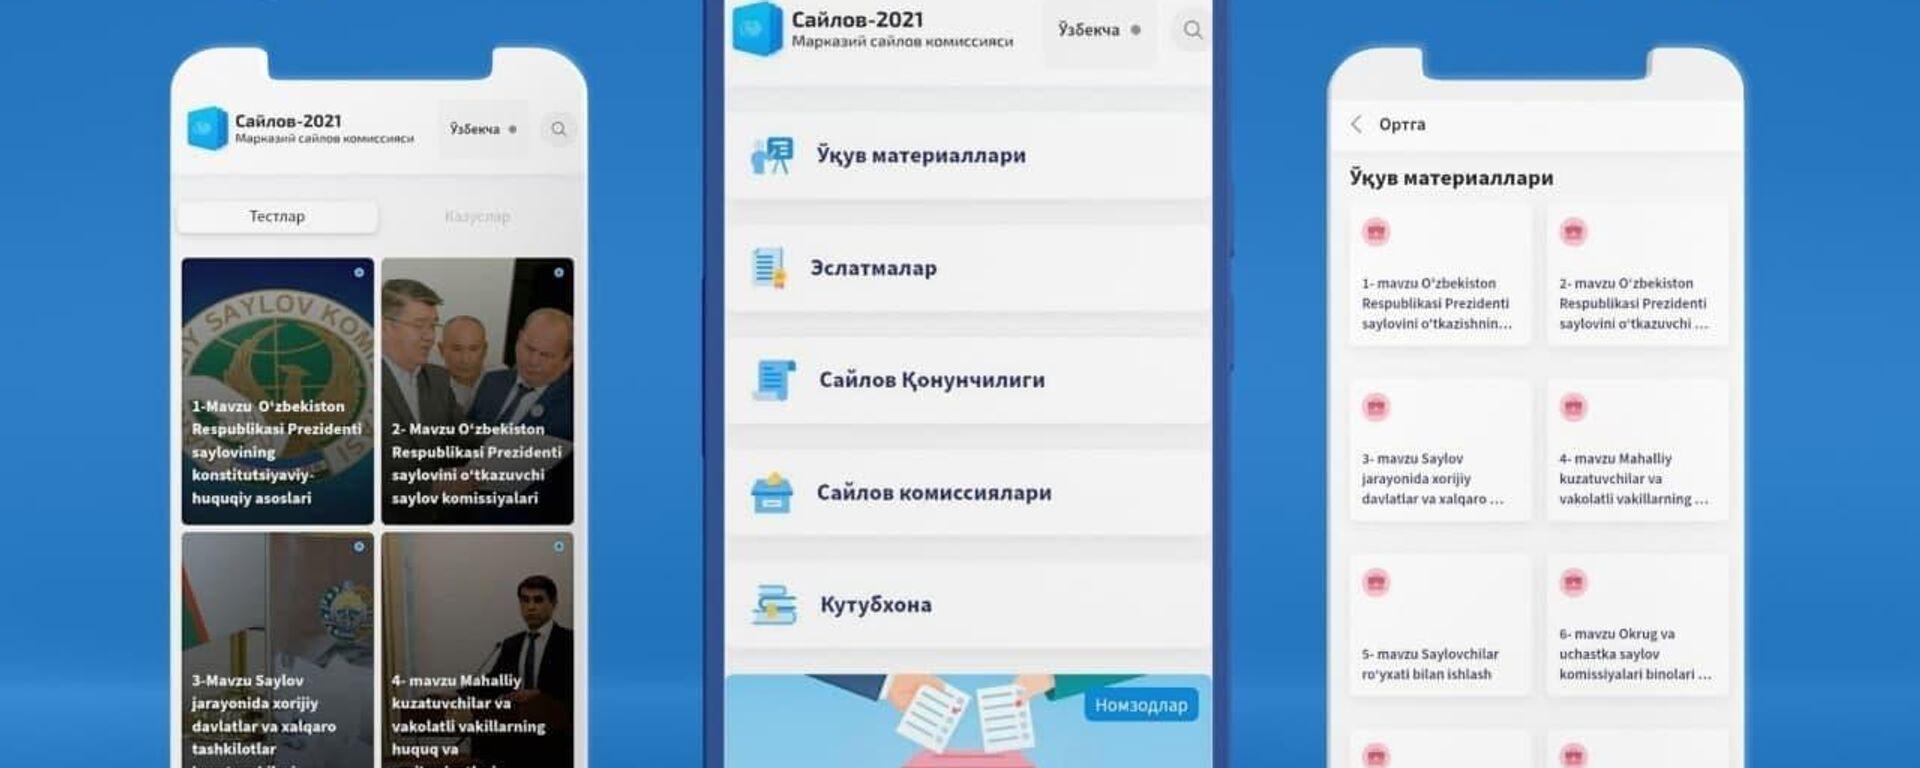 Мобильное приложение Saylov2021 - Sputnik Узбекистан, 1920, 06.10.2021